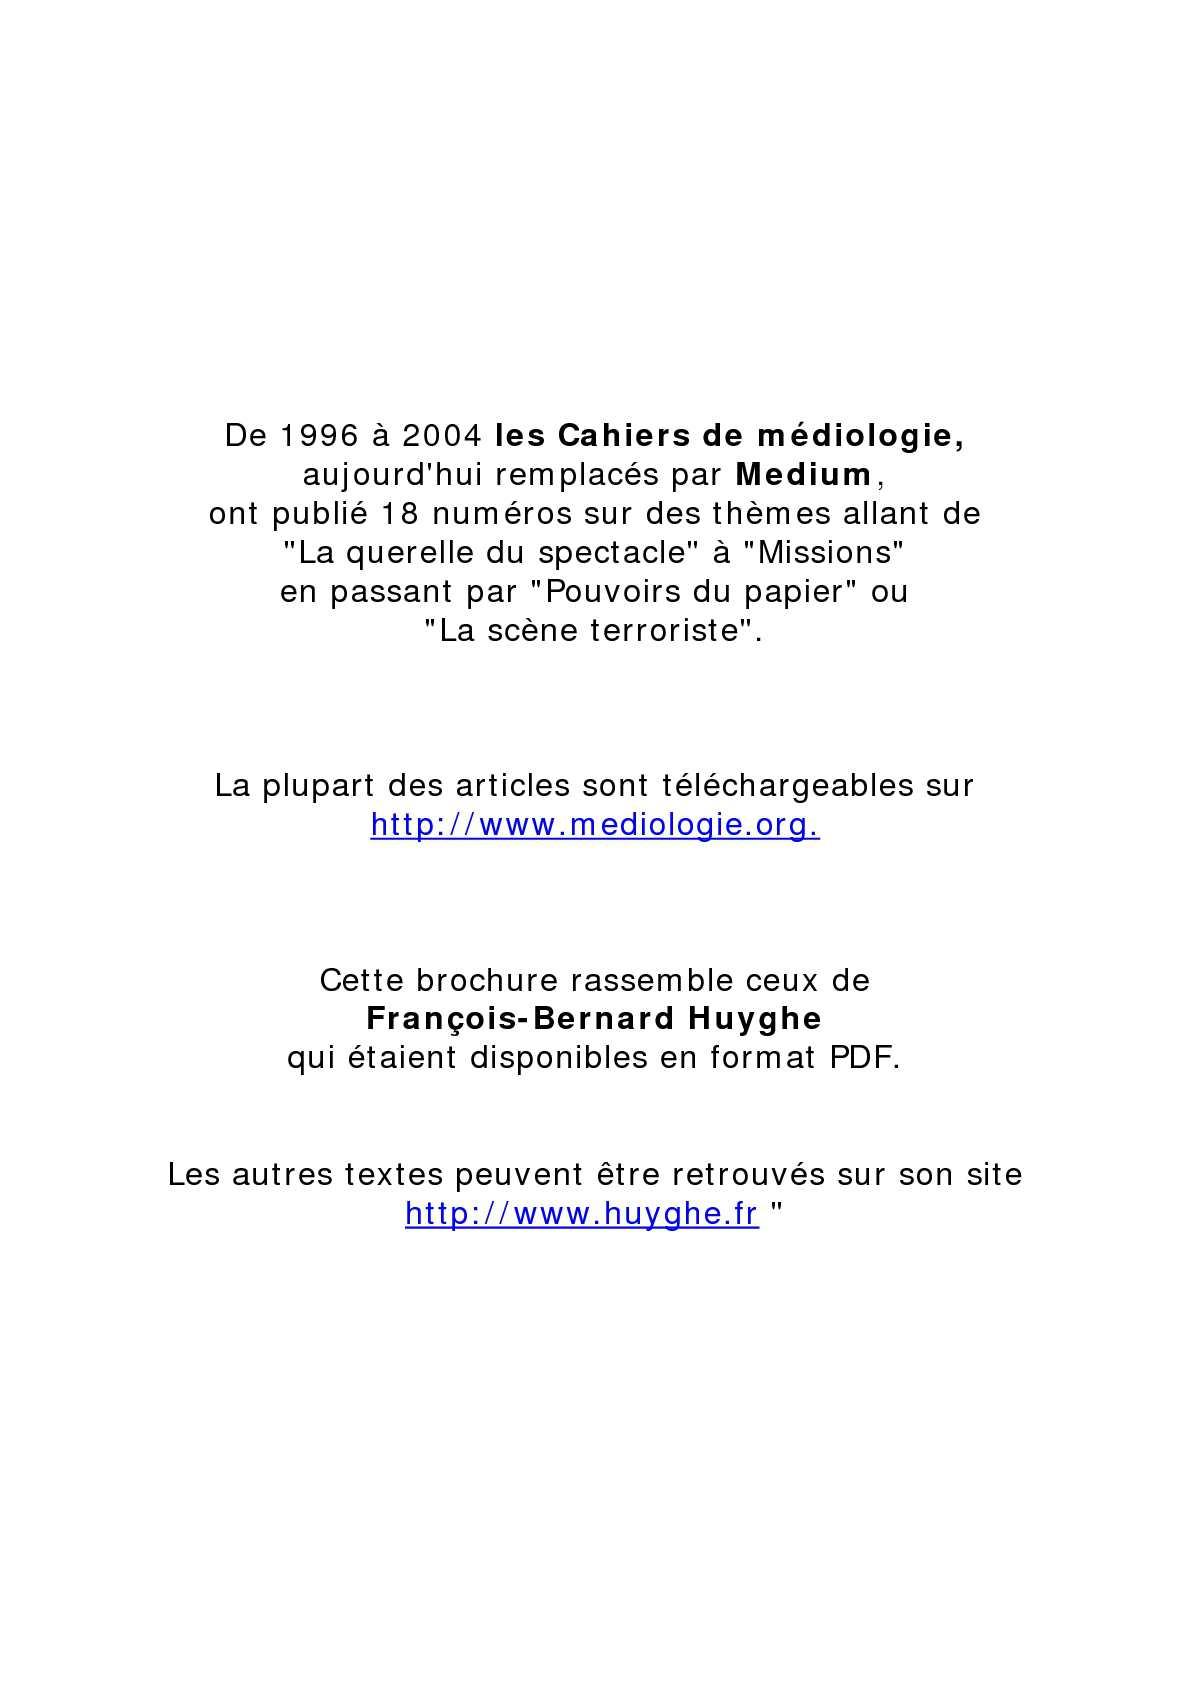 Calaméo Fb Huyghe Textes Médiologiques